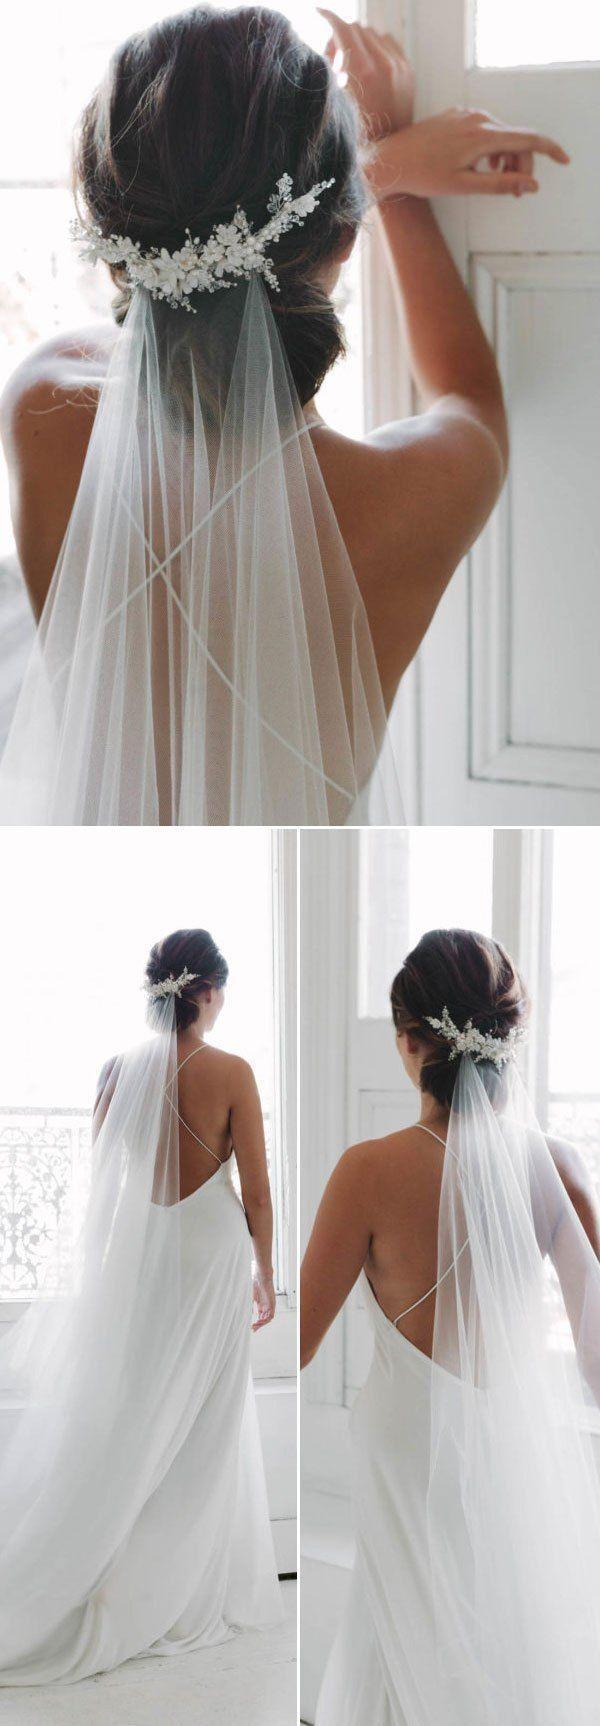 Top 20 Hochzeitsfrisuren mit Schleier und Accessoires #Frisuren #Hochzeit ...  #... #elegantweddinghairstyles